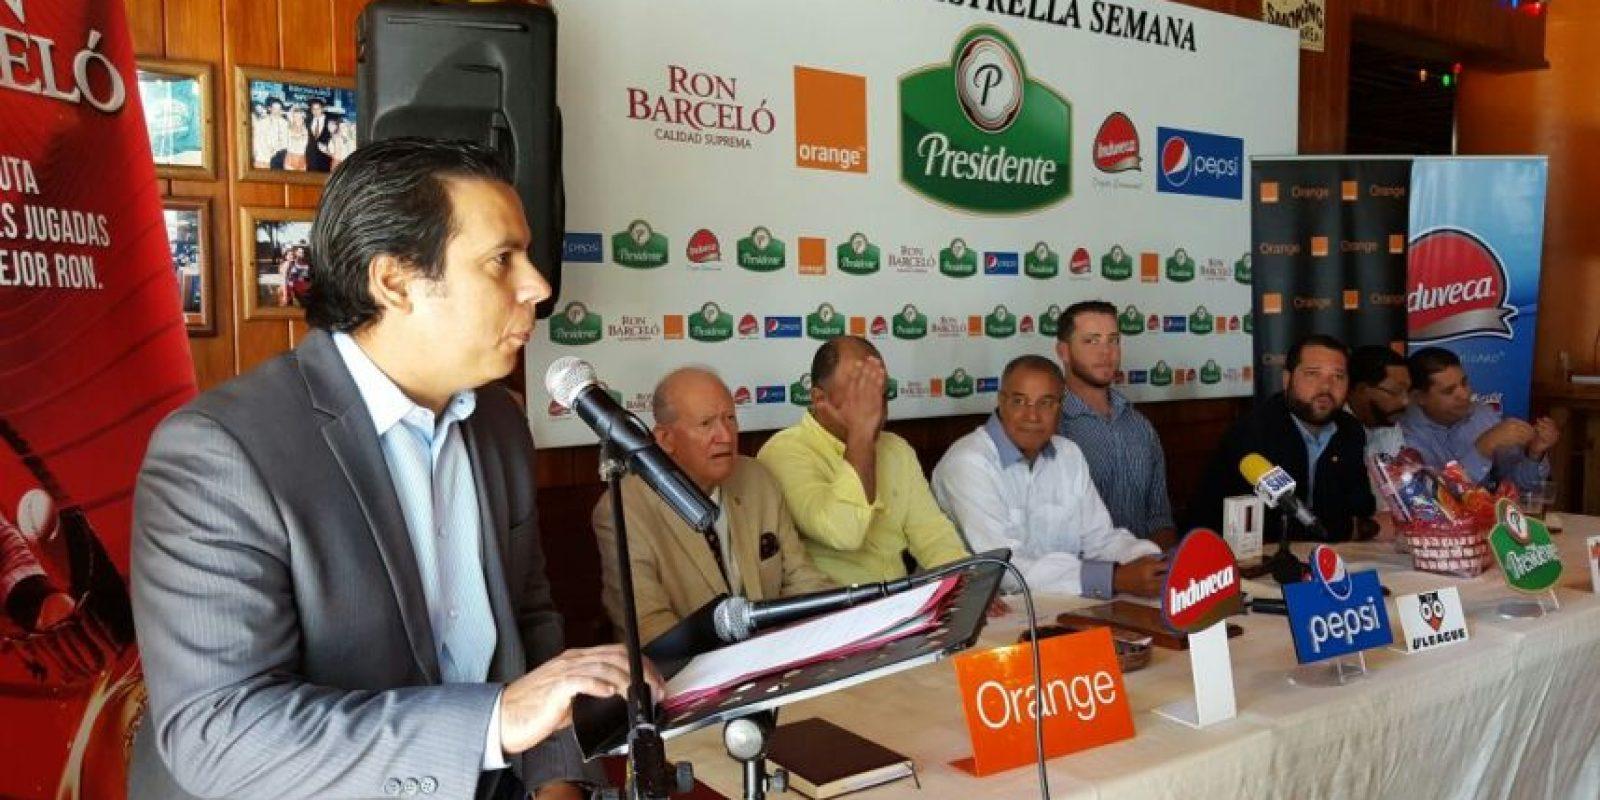 John Castillo lee la semblanza de Héctor Noesí. Obsevan Pablo Ulloa, José Pérez, Noesí, Leonardo Matos Berrido, Audy Ciriaco, José Astacio y José Mallén. Foto:Fuente Externa